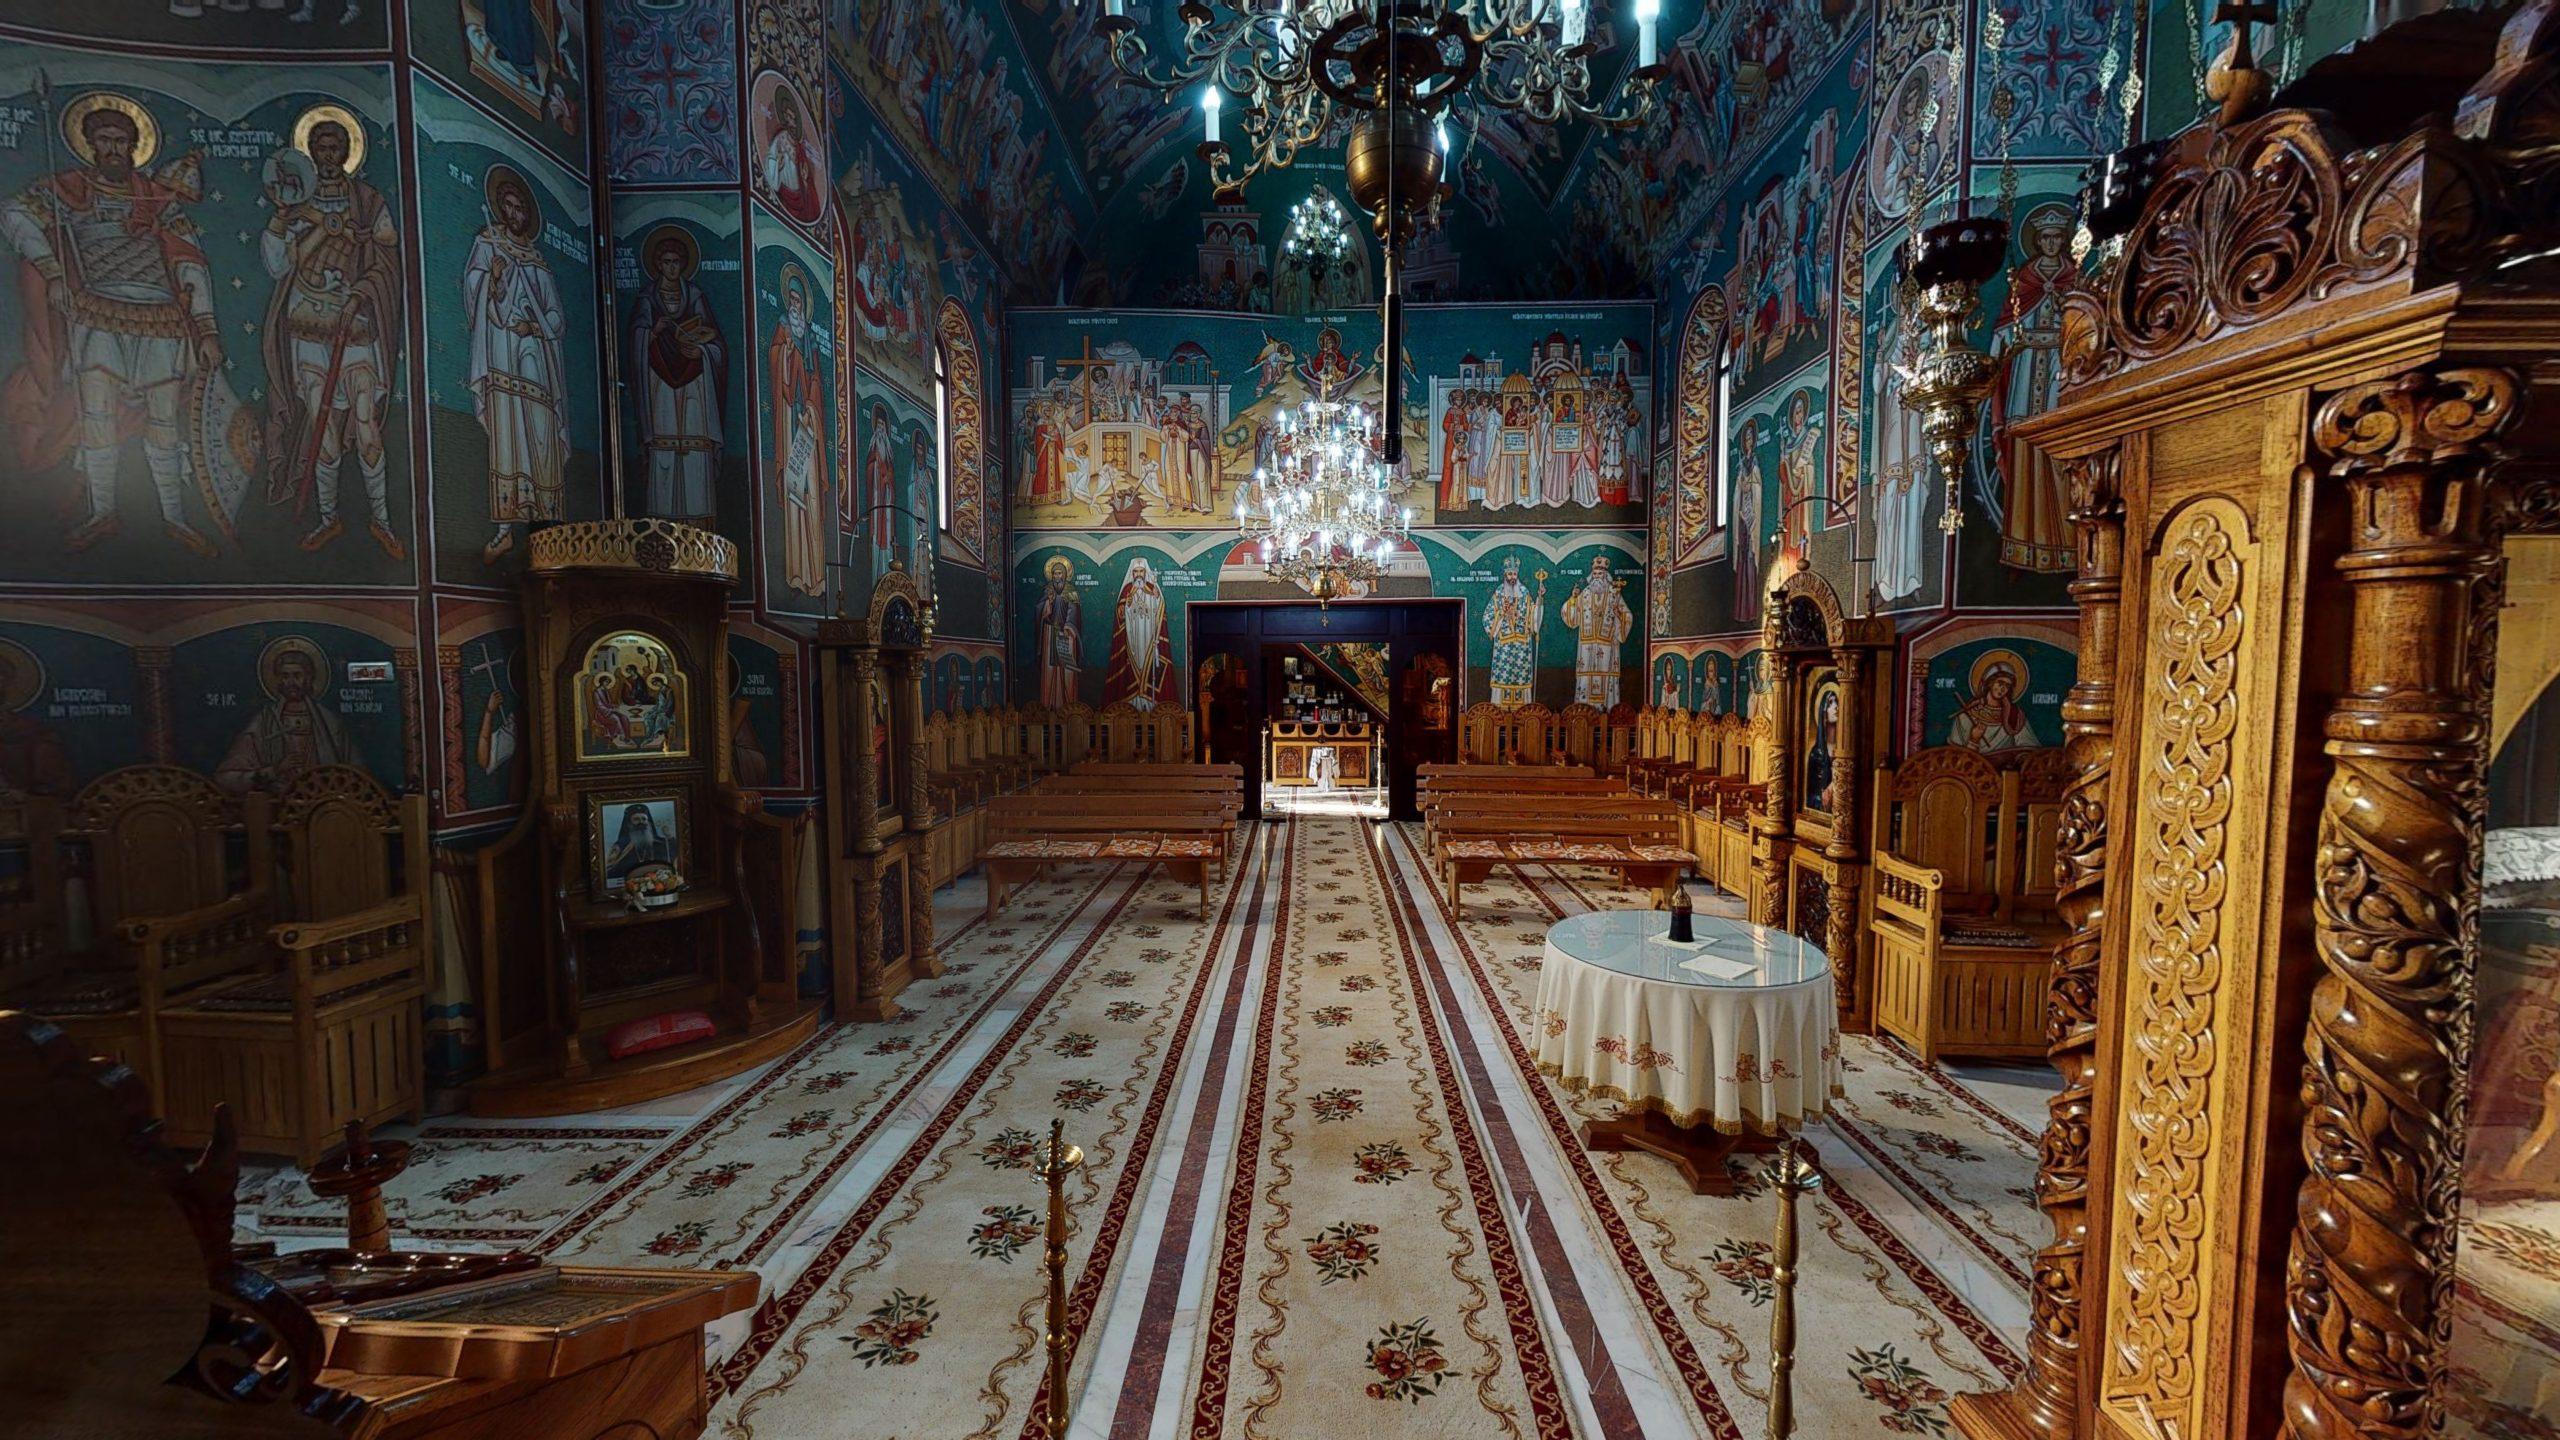 Biserica-Sfintii-Trei-Ierarhi-Flamanzi-12182020_121633